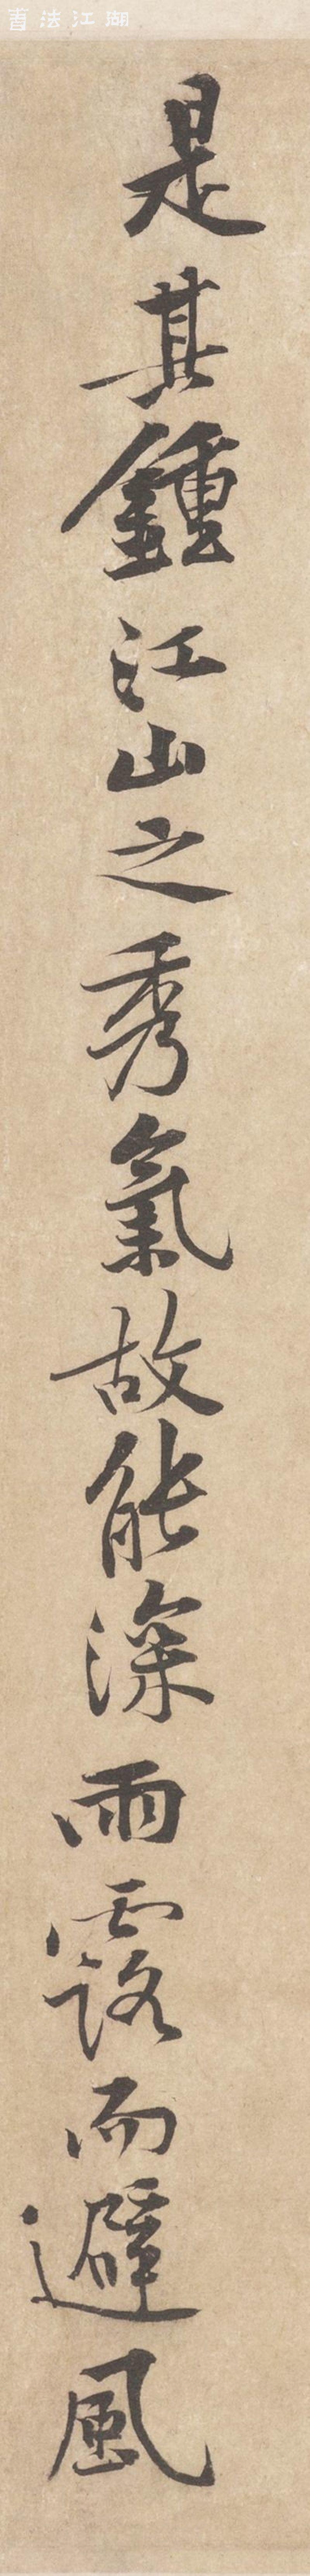 黄庭坚-苦笋赋05.jpg